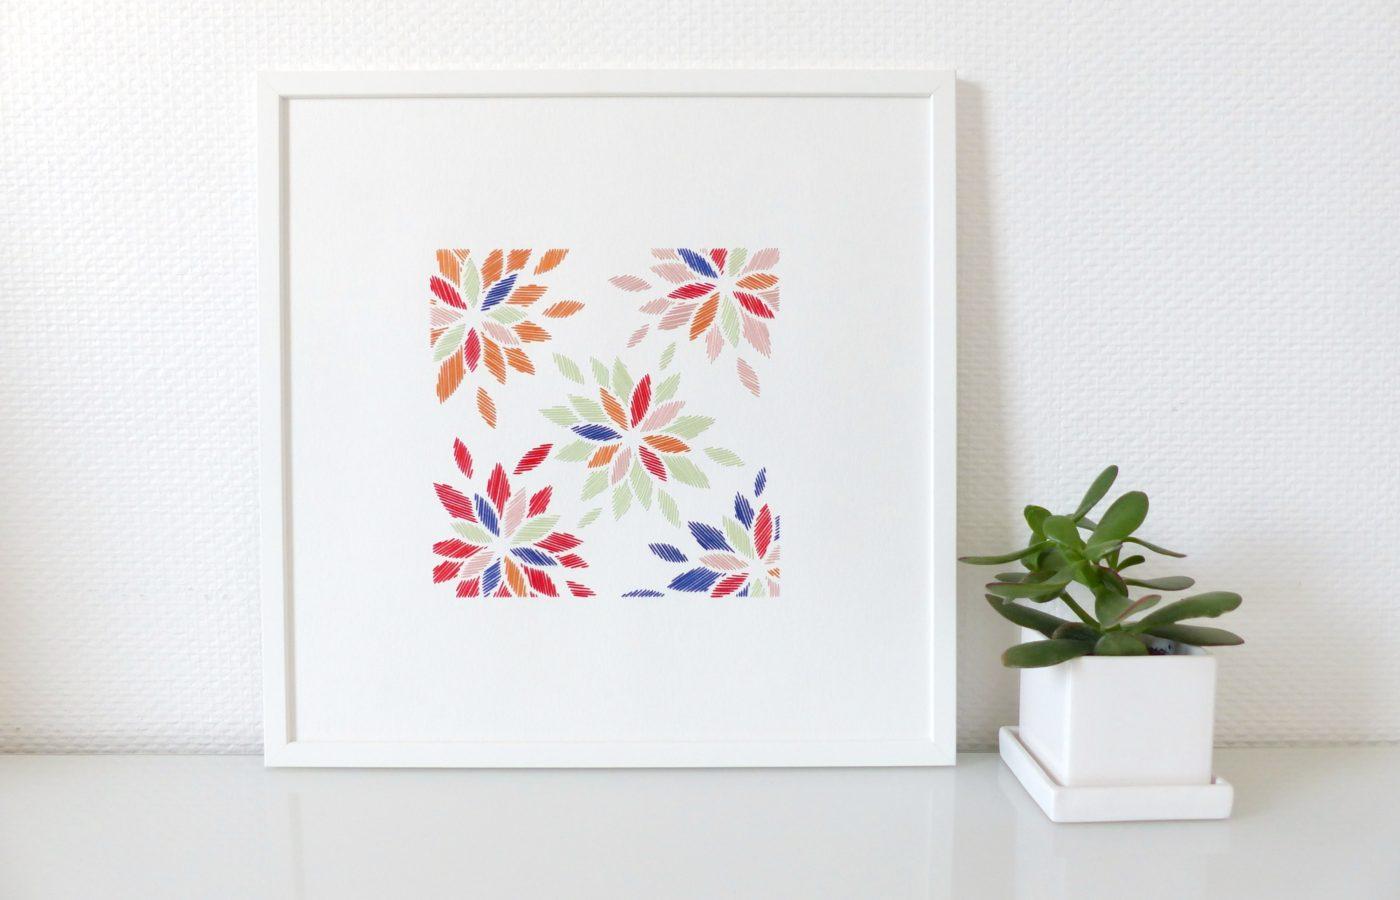 Les Fils Rouges décoration murale tableau motif fleurs japonaises brodées multicolores